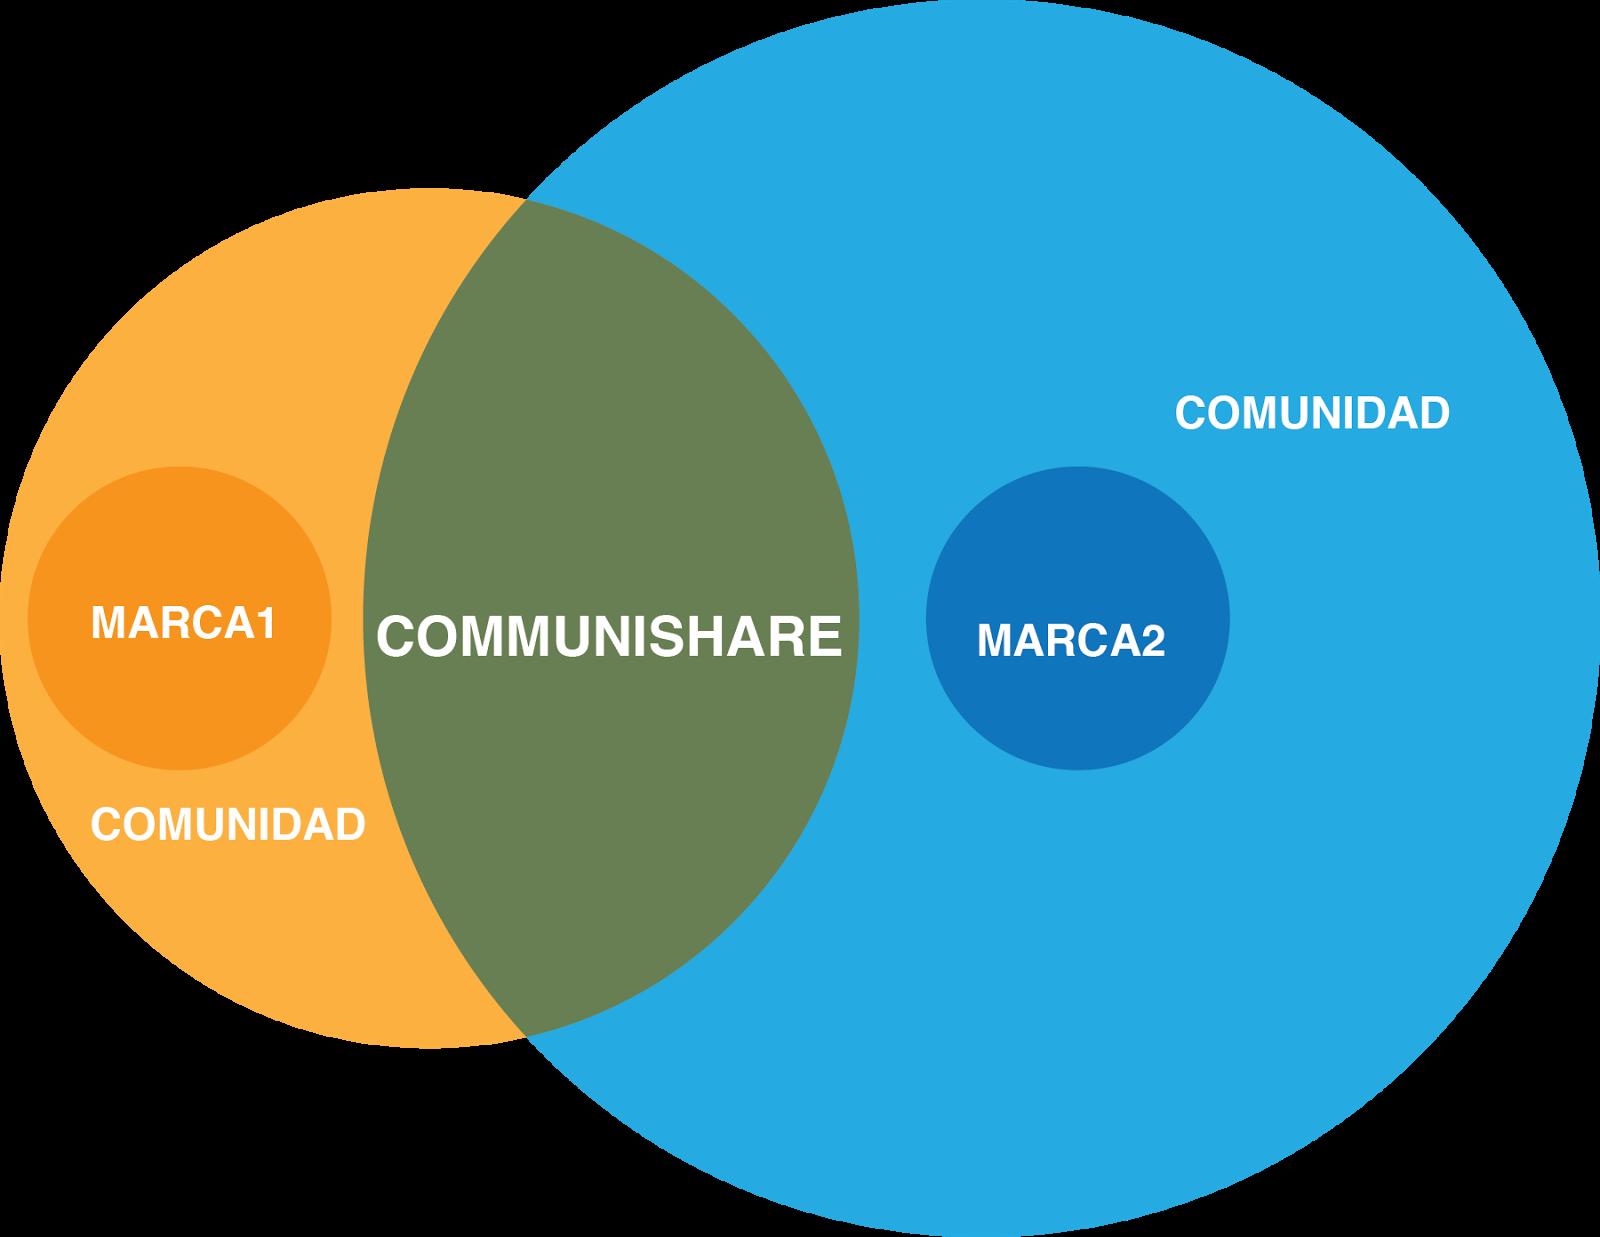 circulas que se intersectas que representan marcas que tienen comunidades y en el centro donde se encuentran la palabra communishare